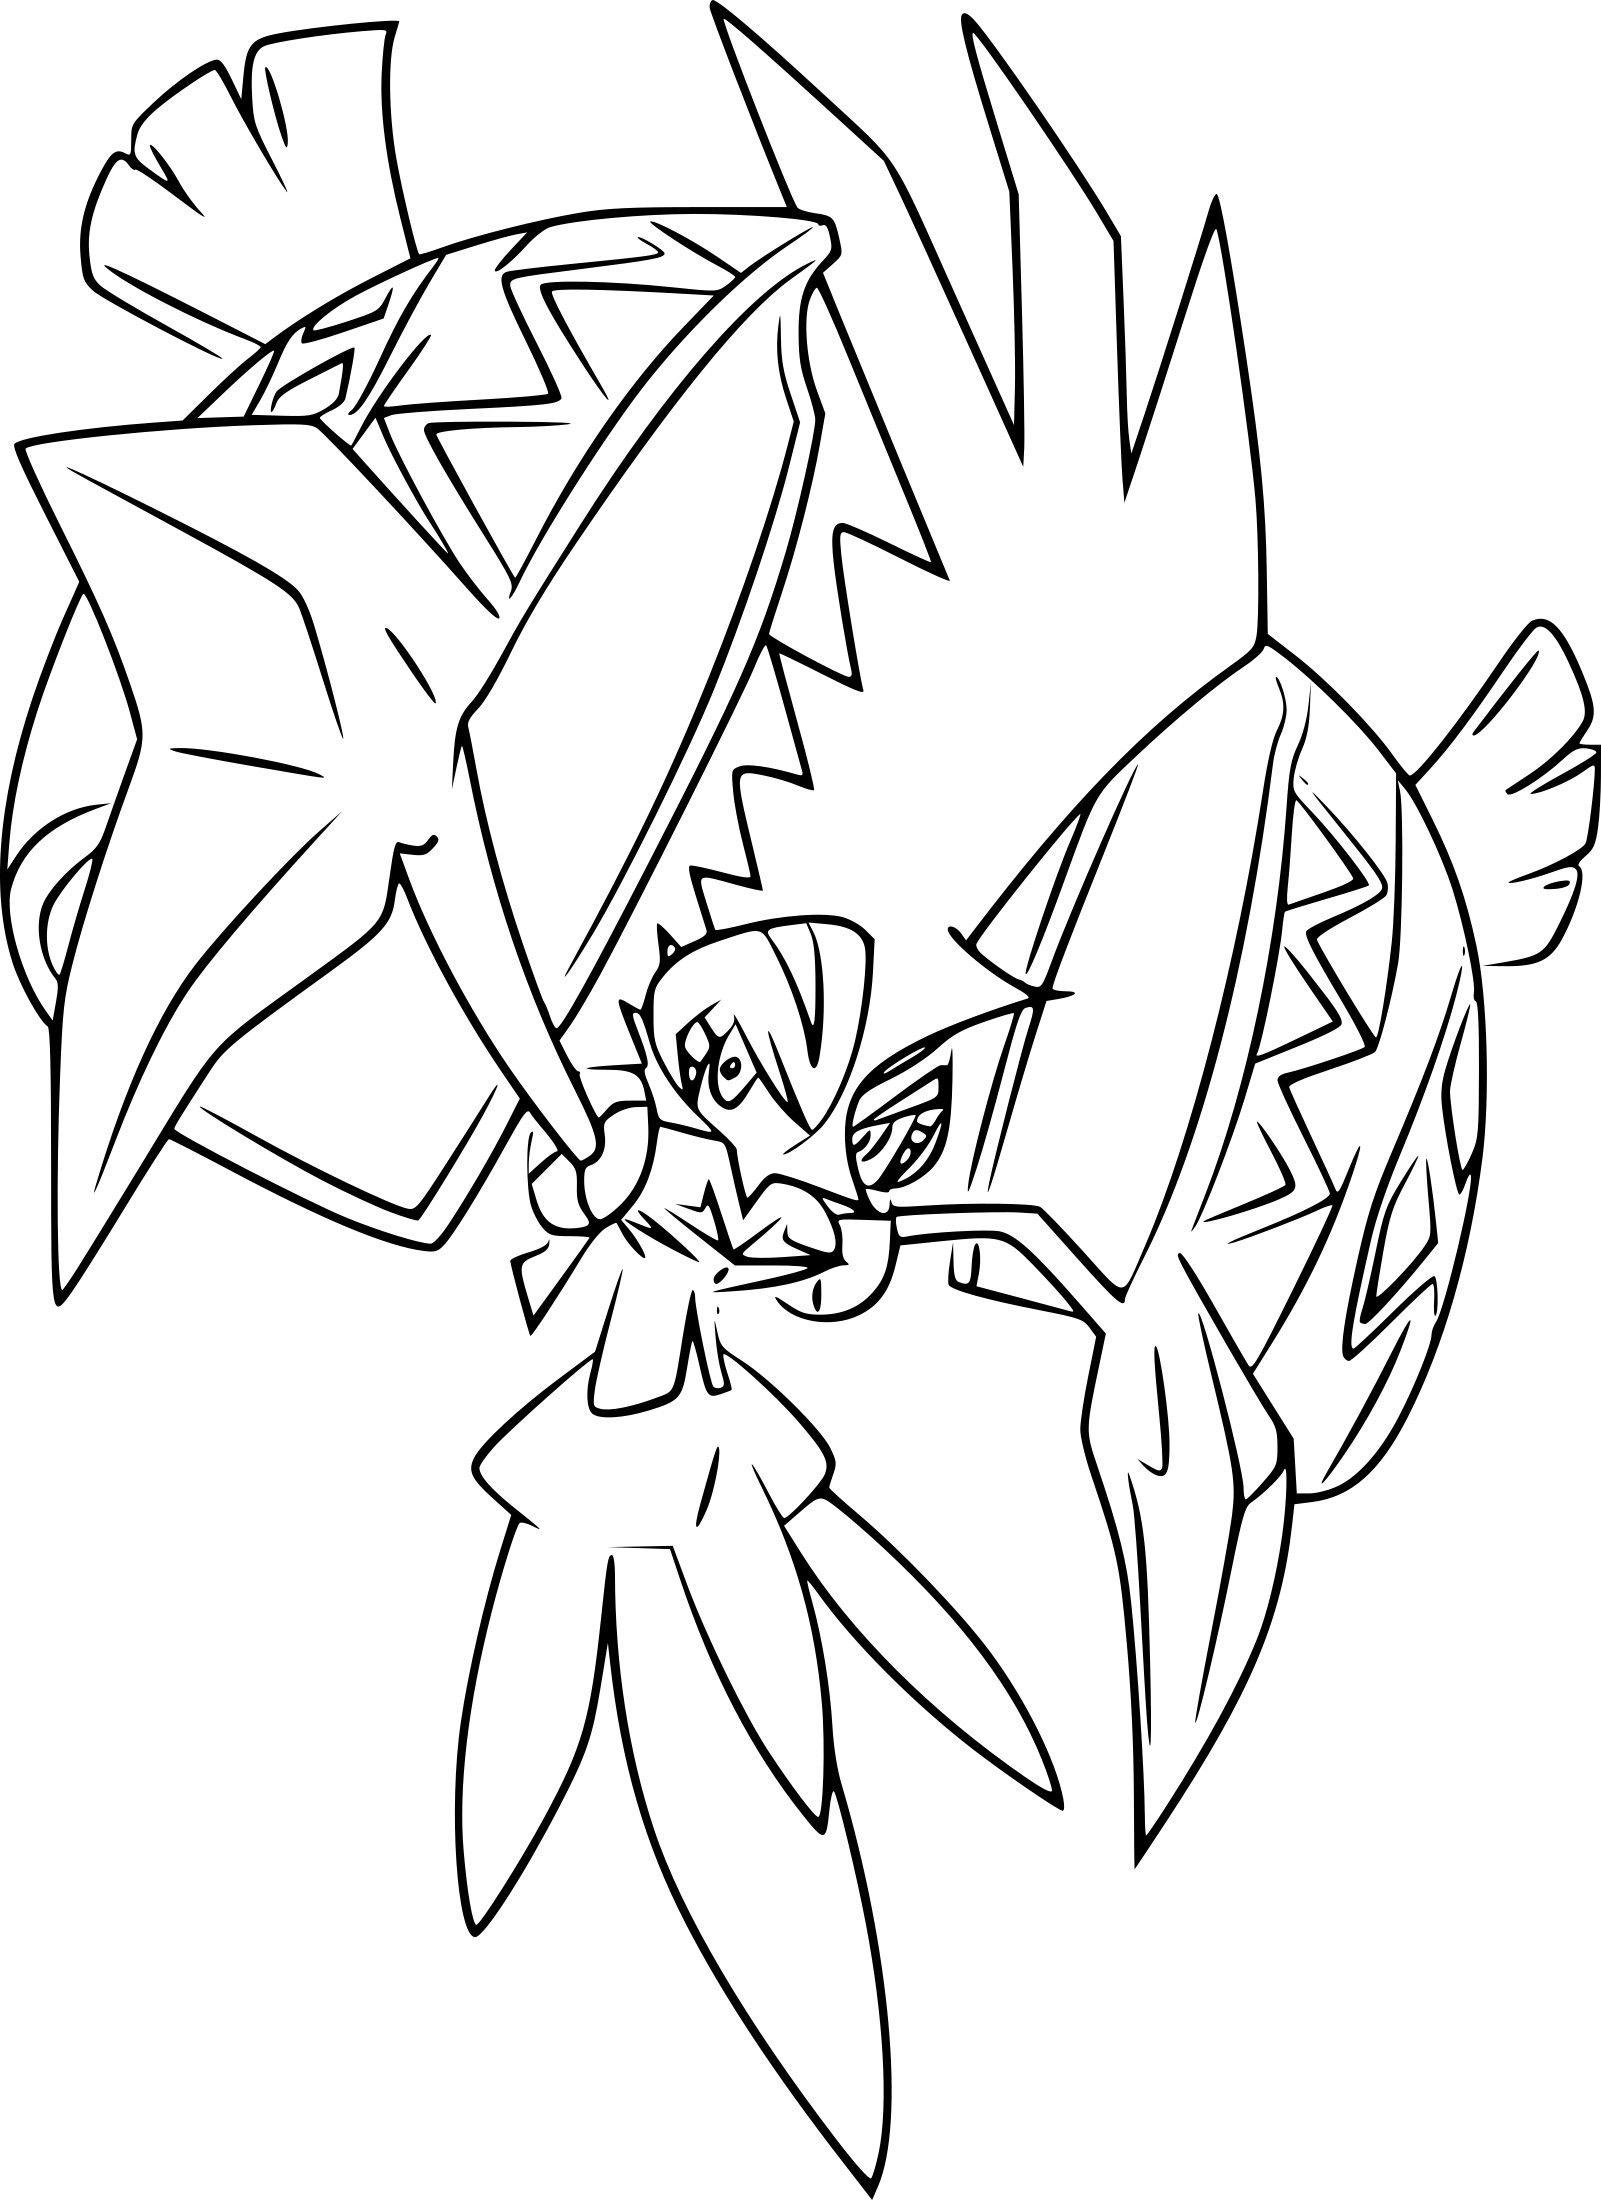 Kleurplaat Pokemon Machamp